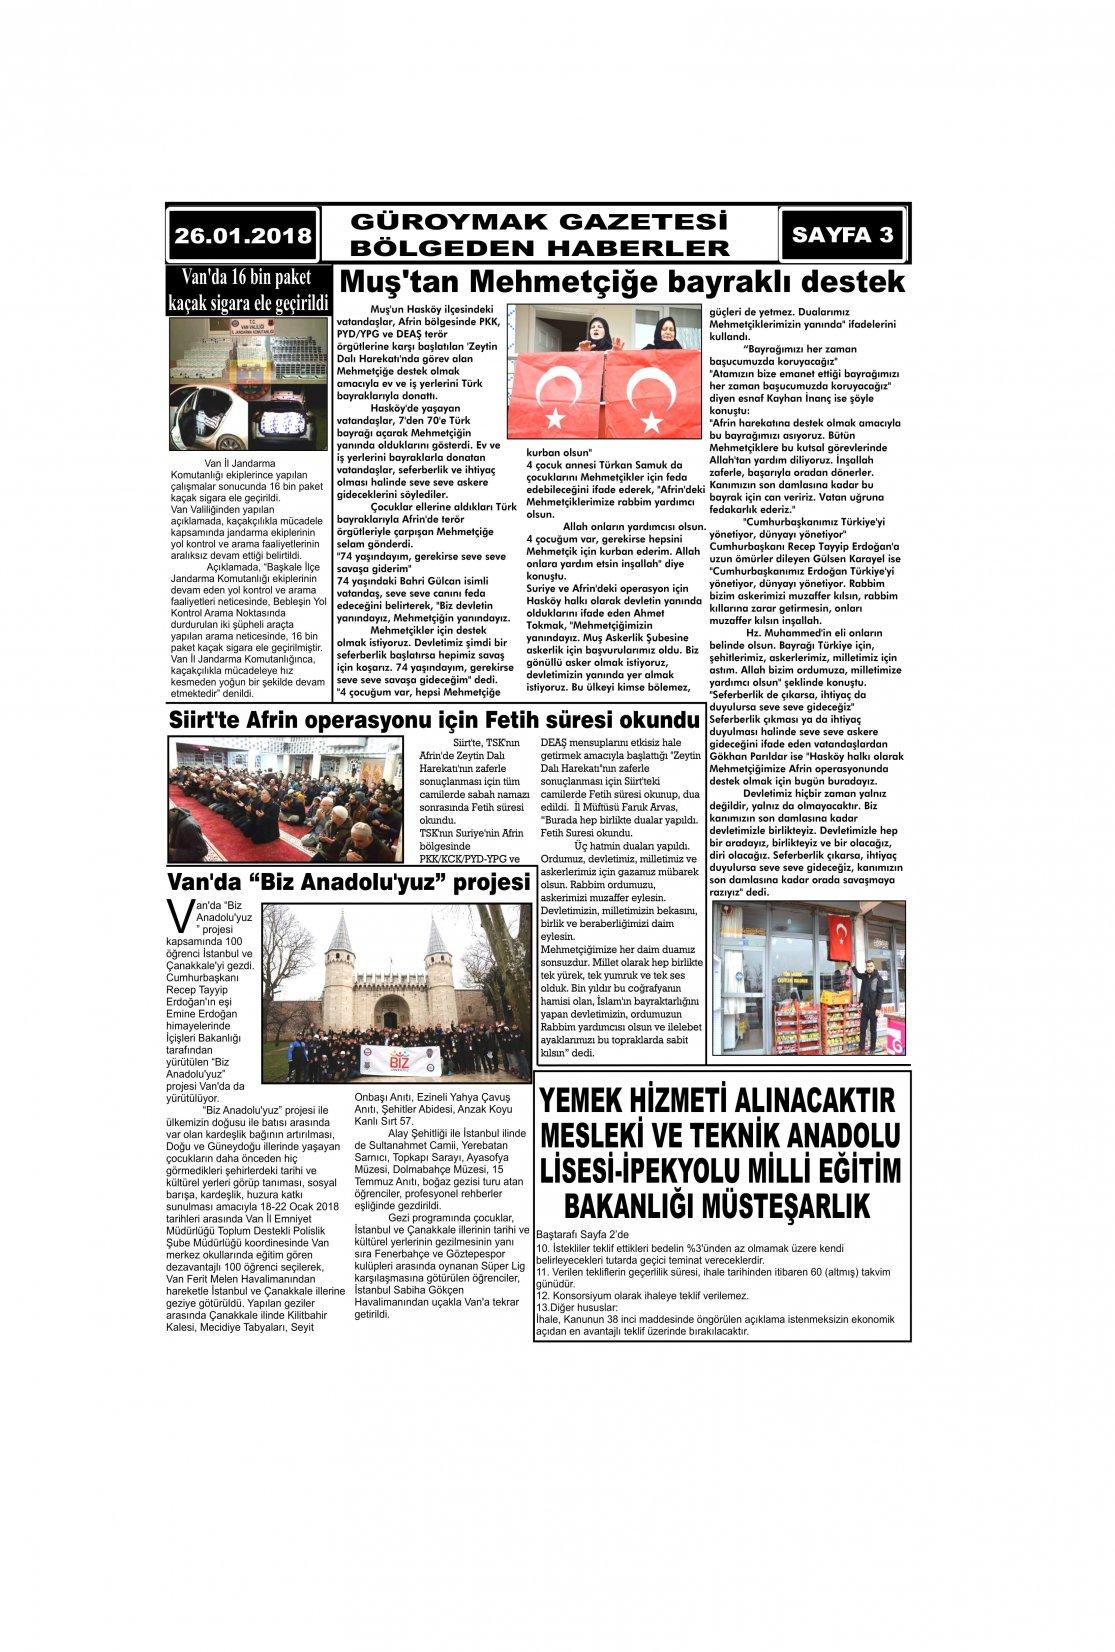 Güroymak Gazetesi 3.jpg Sayılı Gazete Küpürü